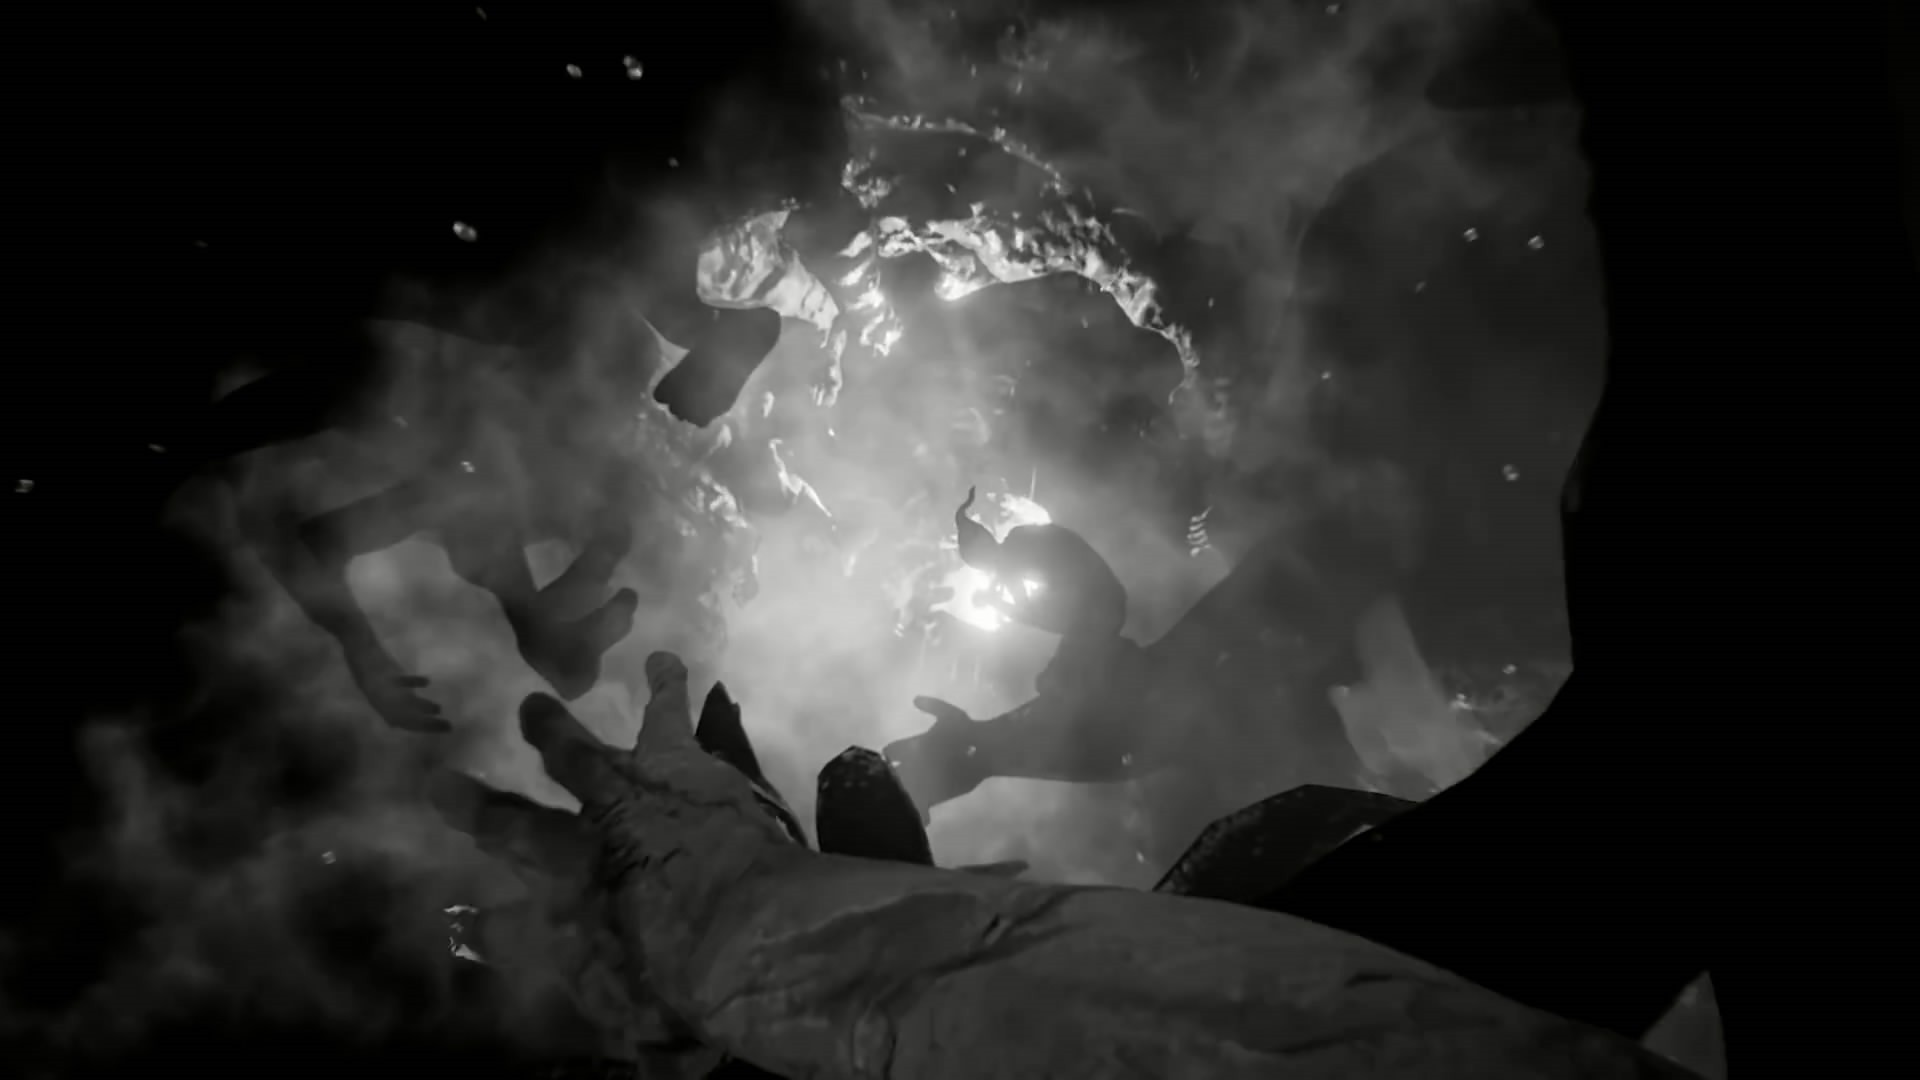 虚幻4引擎恐怖游戏大作《Agony》